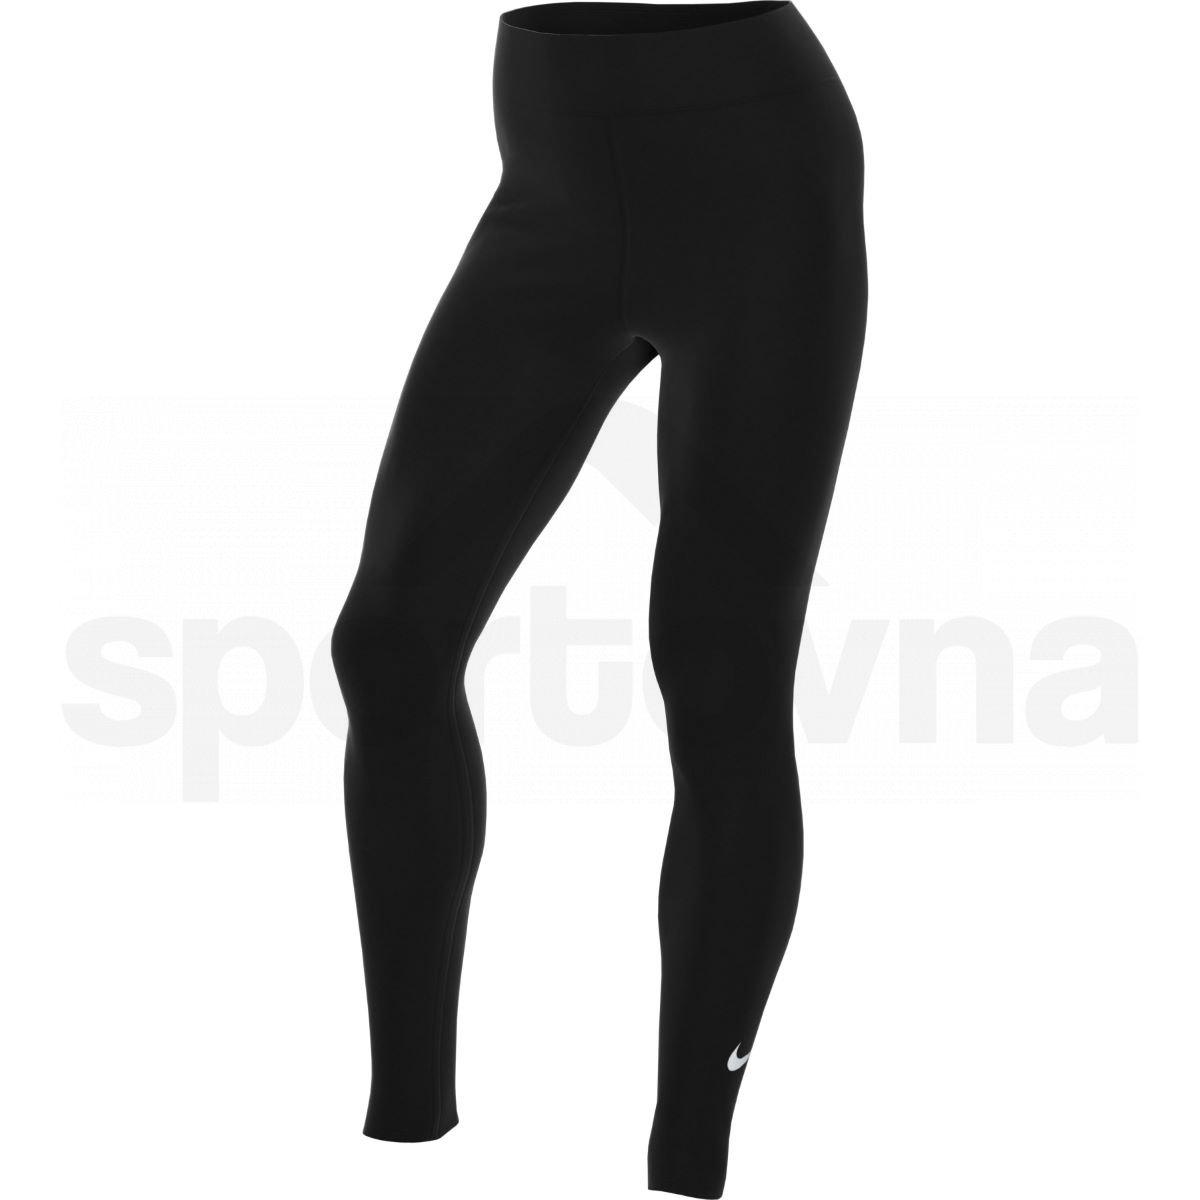 nike-one-damen-leggings-black-white-dd0252-010-4-918891